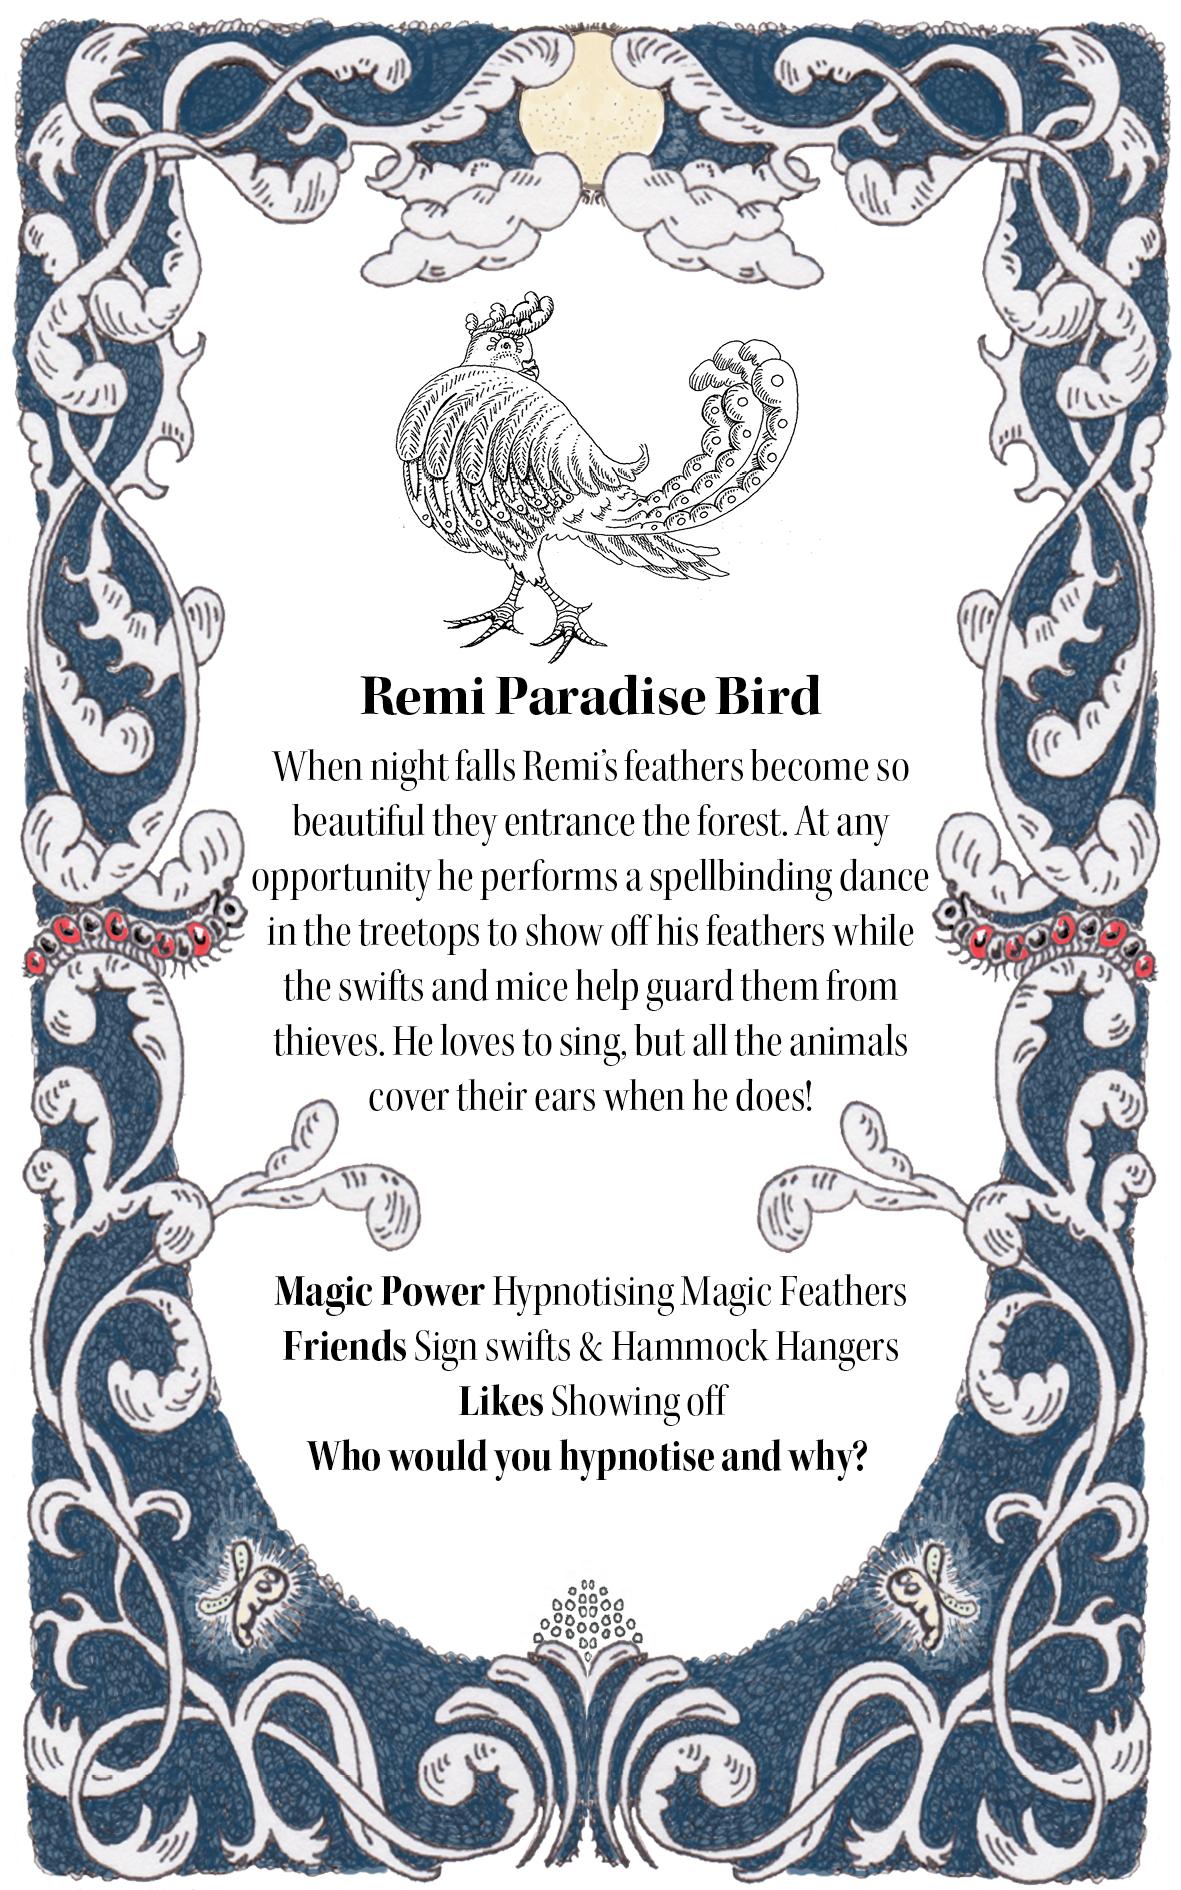 RemiParadiseBird.jpg